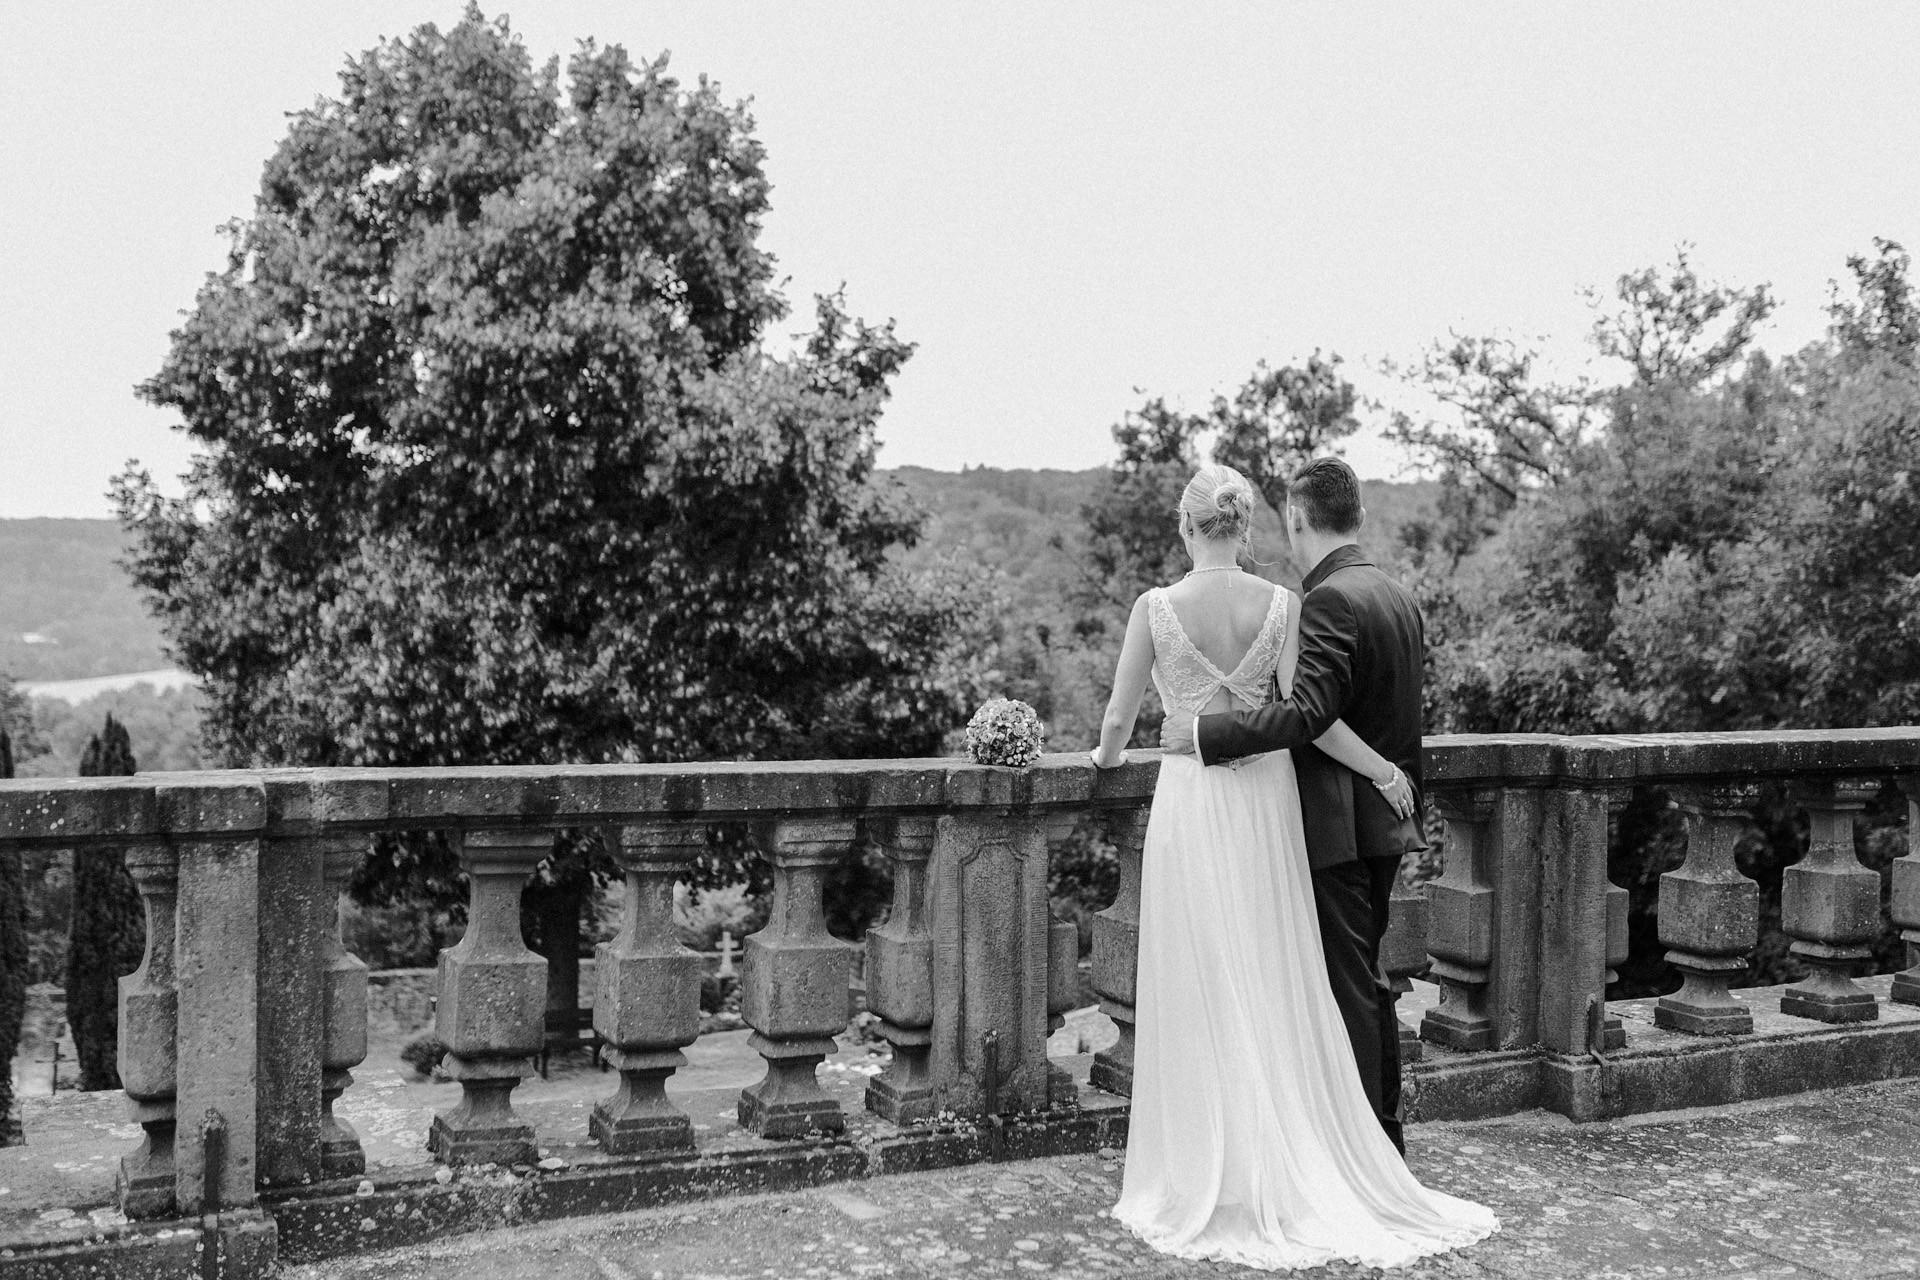 Nicole Hafner Hochzeitsfotografie. Hochzeitsfotografin Öhringen. Fotograf. Heiraten in Öhringen. Hochzeit Öhringen